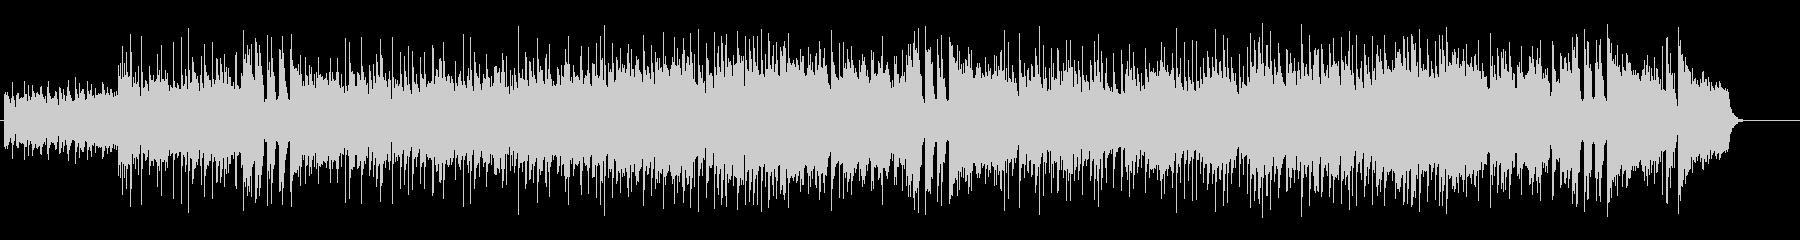 おだやかさに満ち溢れたボサノヴァの未再生の波形